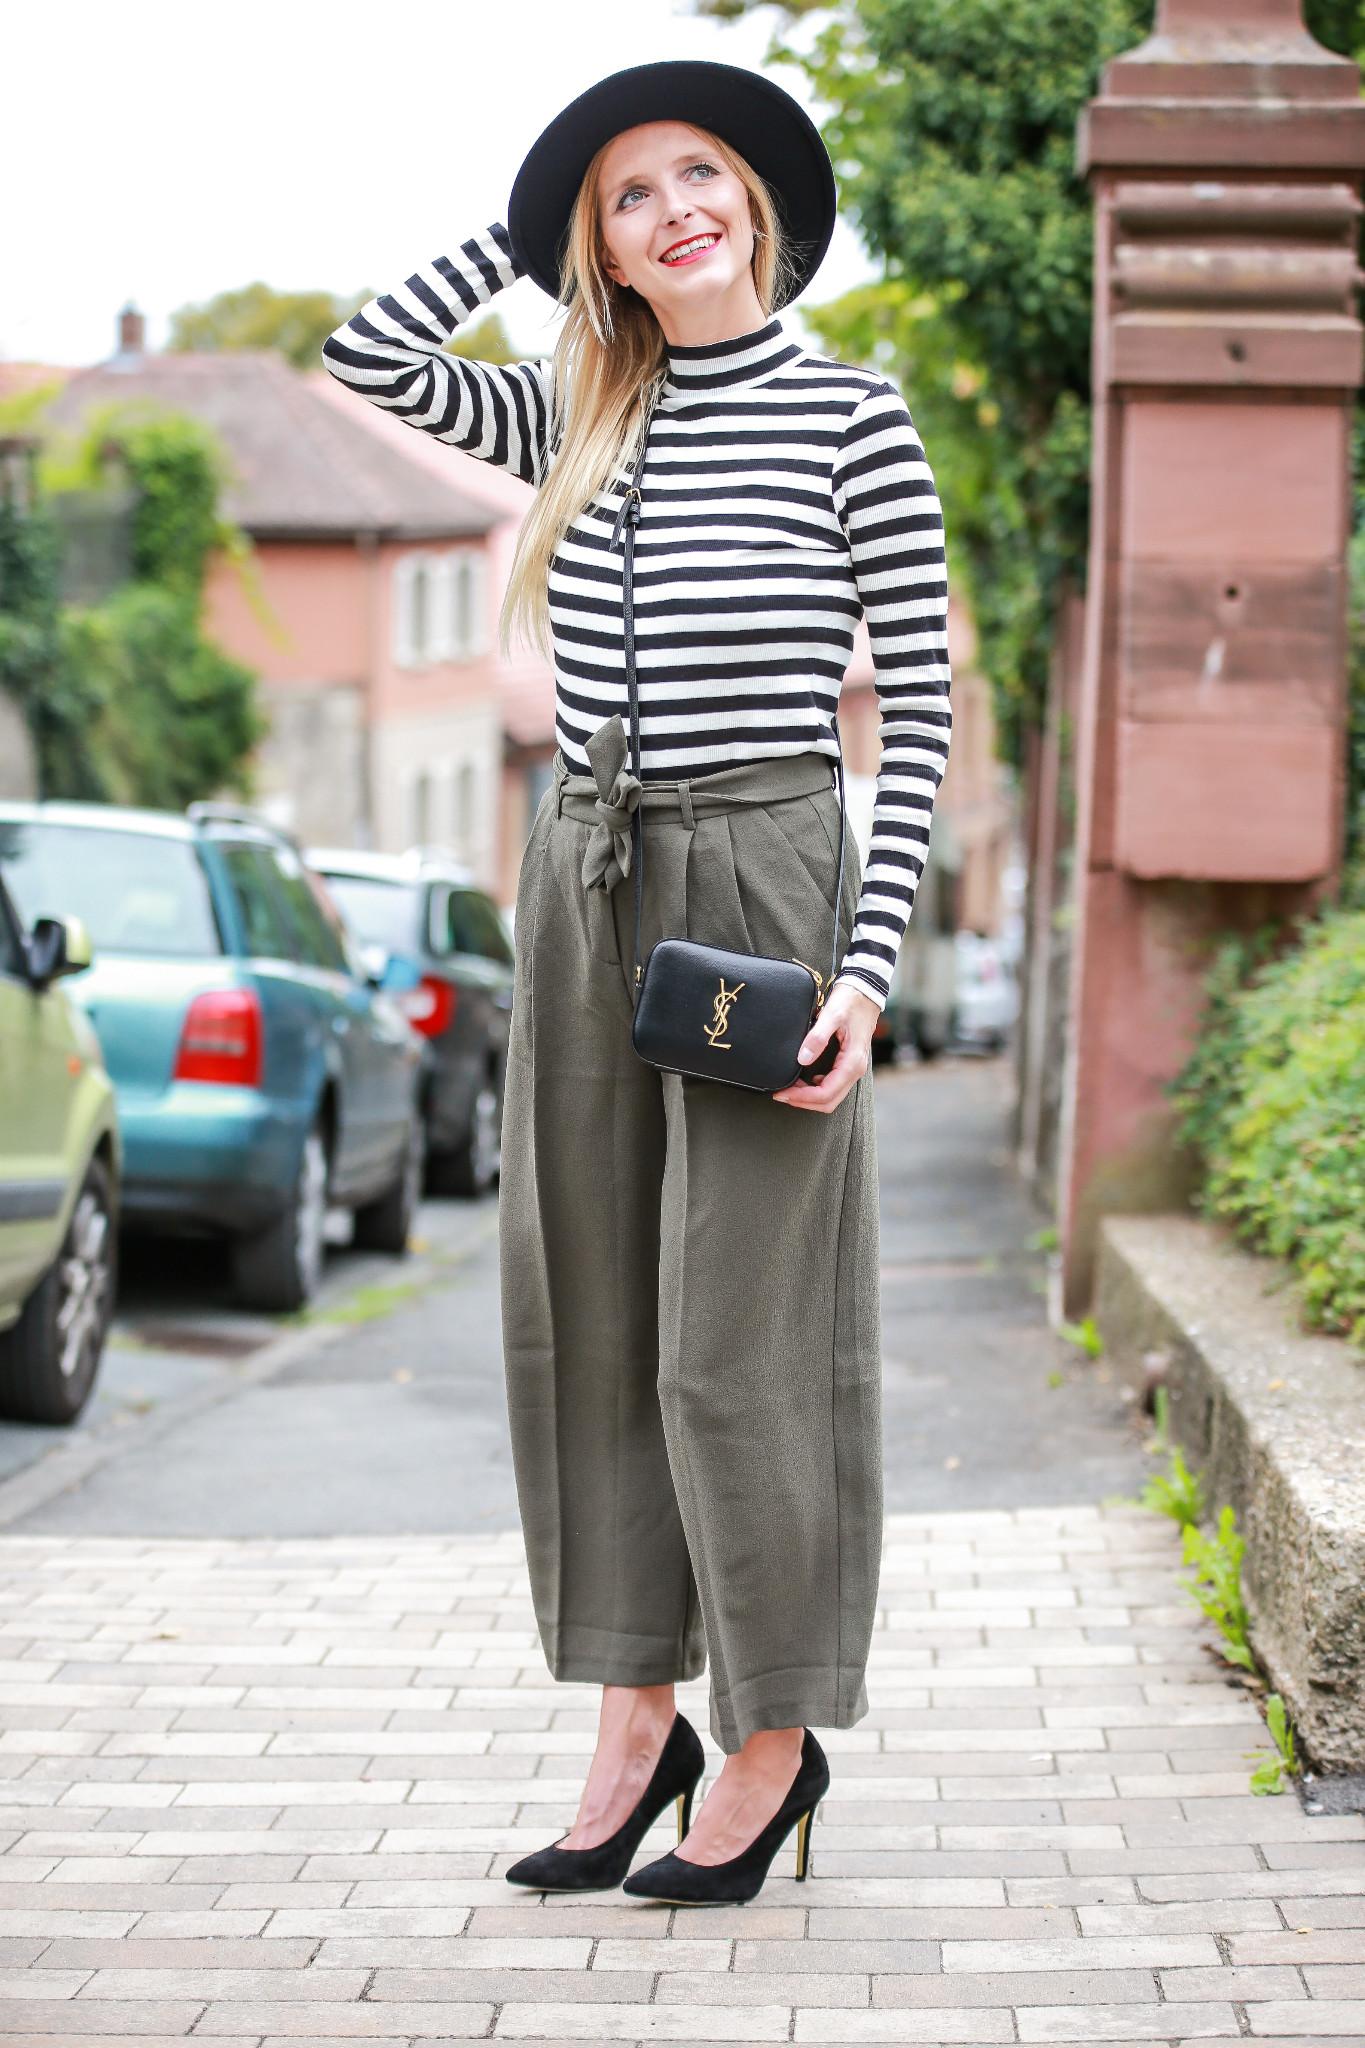 Fashion_Outfit_Très_parisienne-22